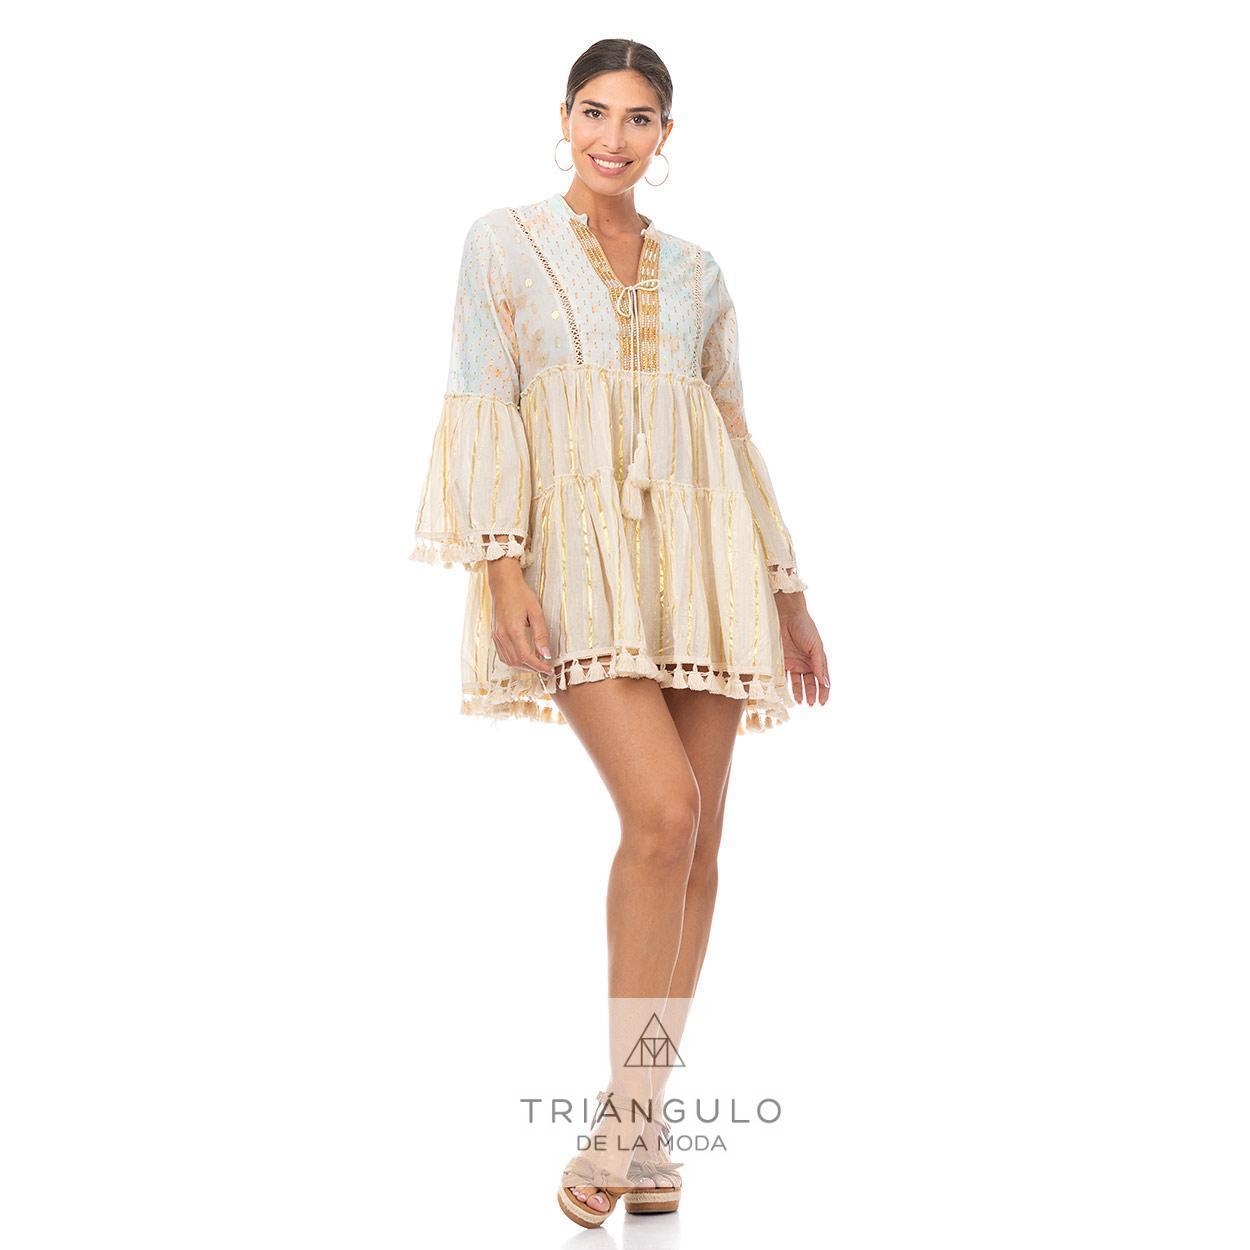 Tienda online del Triangulo de la Moda CASACA BOHO CHIC PERLITAS HILO DORADO